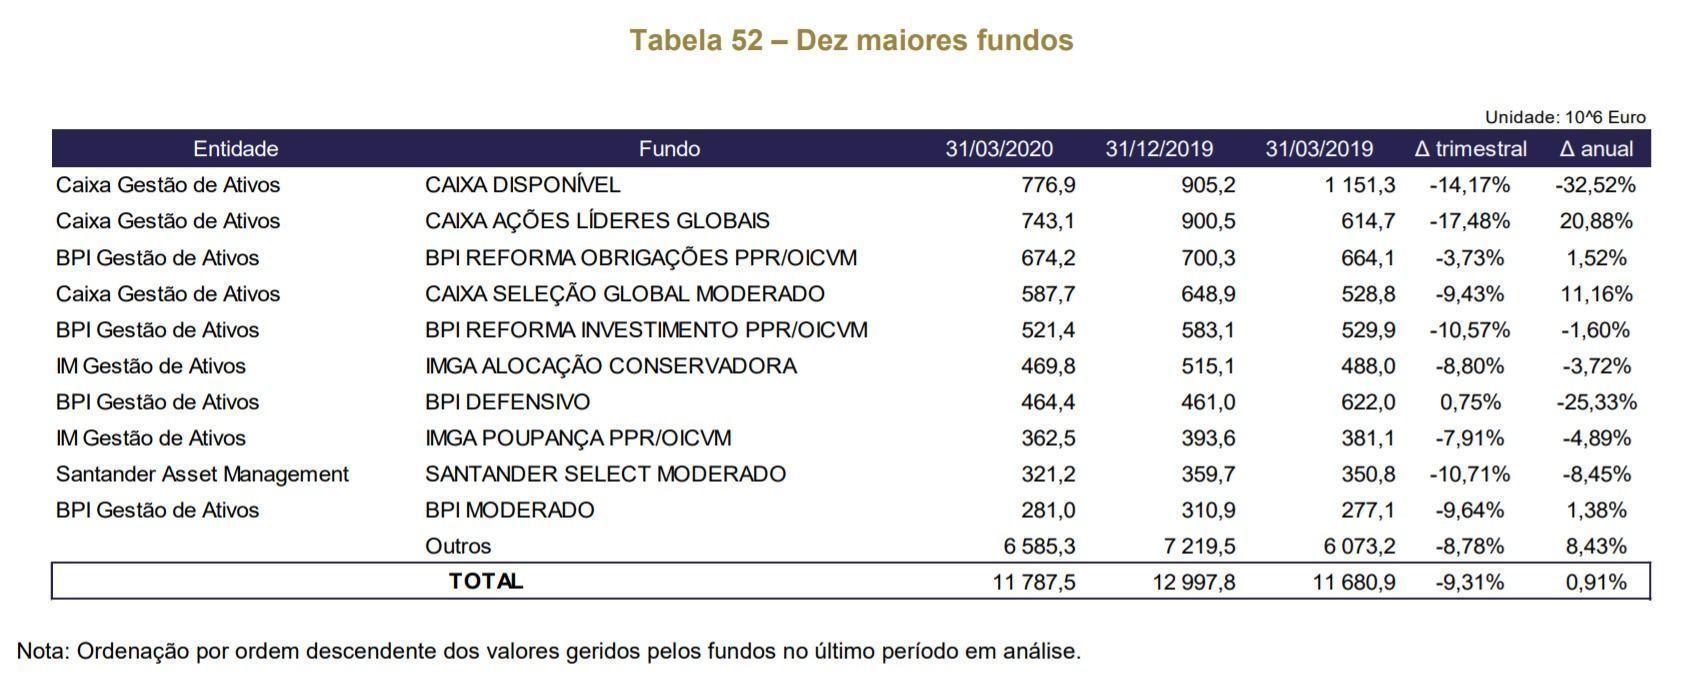 Maiores_Fundos